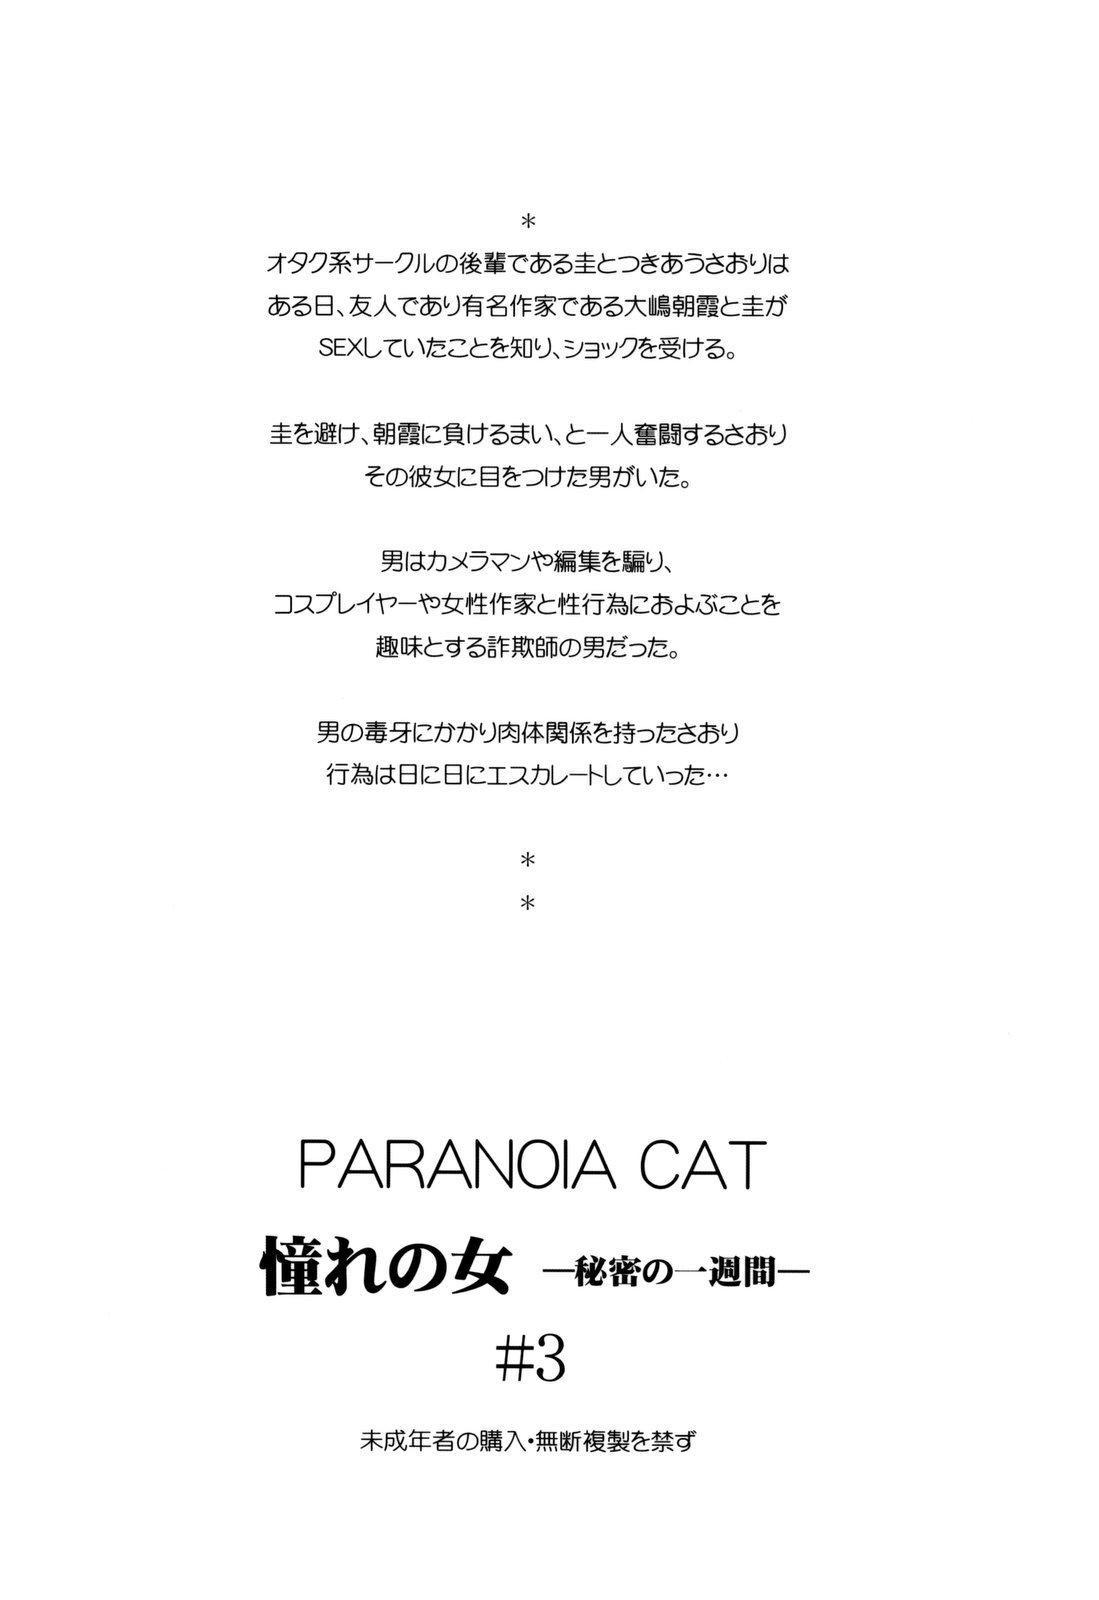 (ComiComi13) [Paranoia Cat (Fujiwara Shunichi)] Akogare no Hito -Himitsu no Isshuukan- #3 51